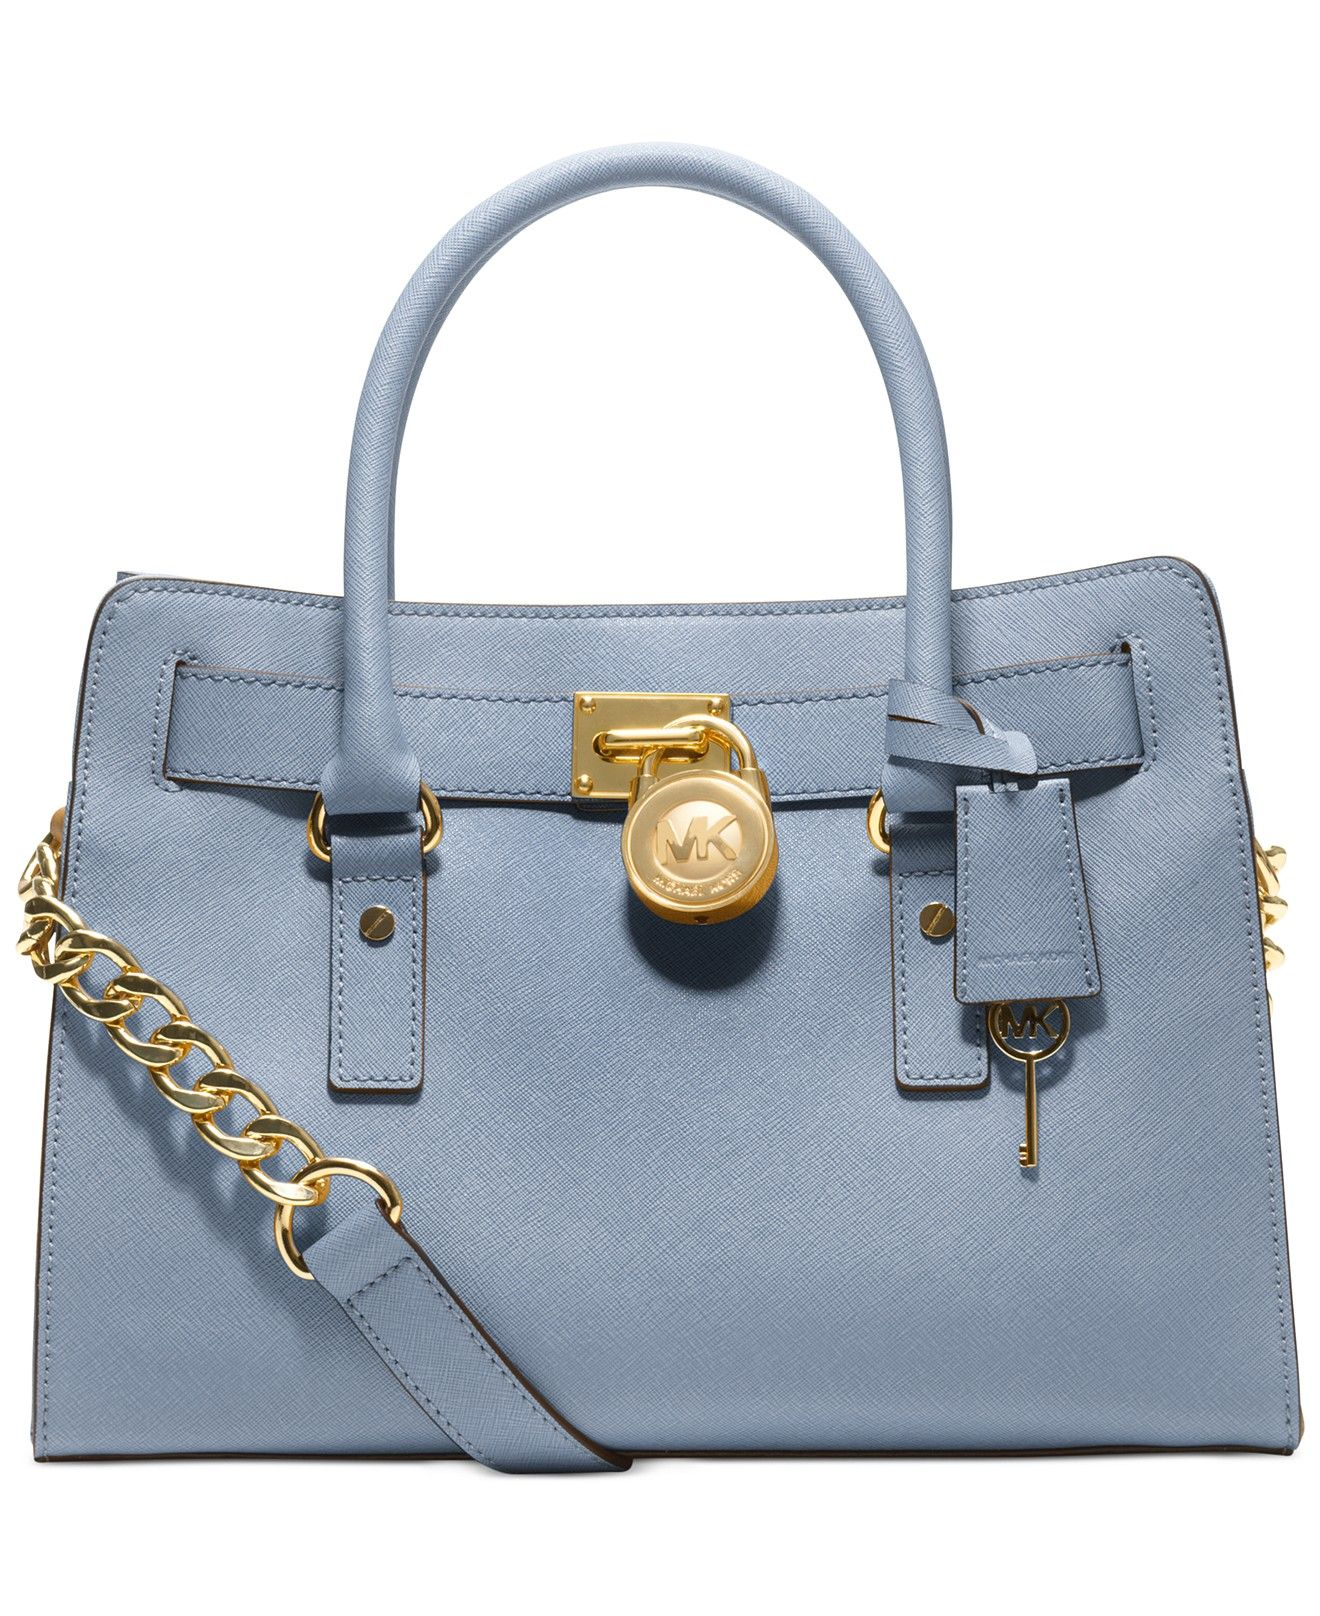 9d656560e068e0 ... MICHAEL Michael Kors Hamilton Saffiano Leather East West Satchel -  Handbags Accessories - Macys ...